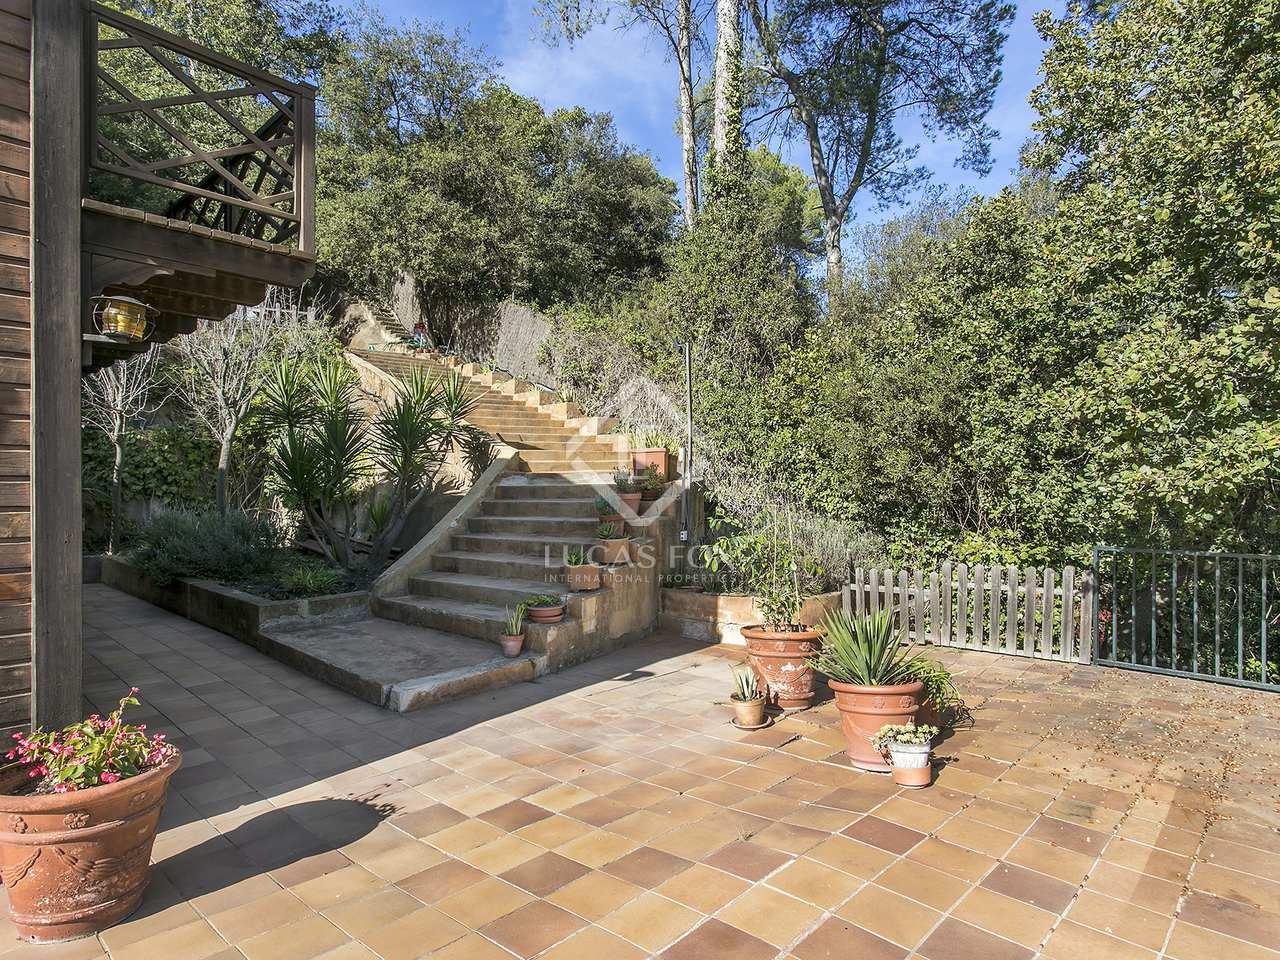 Casa en alquiler en sant cugat cerca de barcelona for Casas con piscina barcelona alquiler